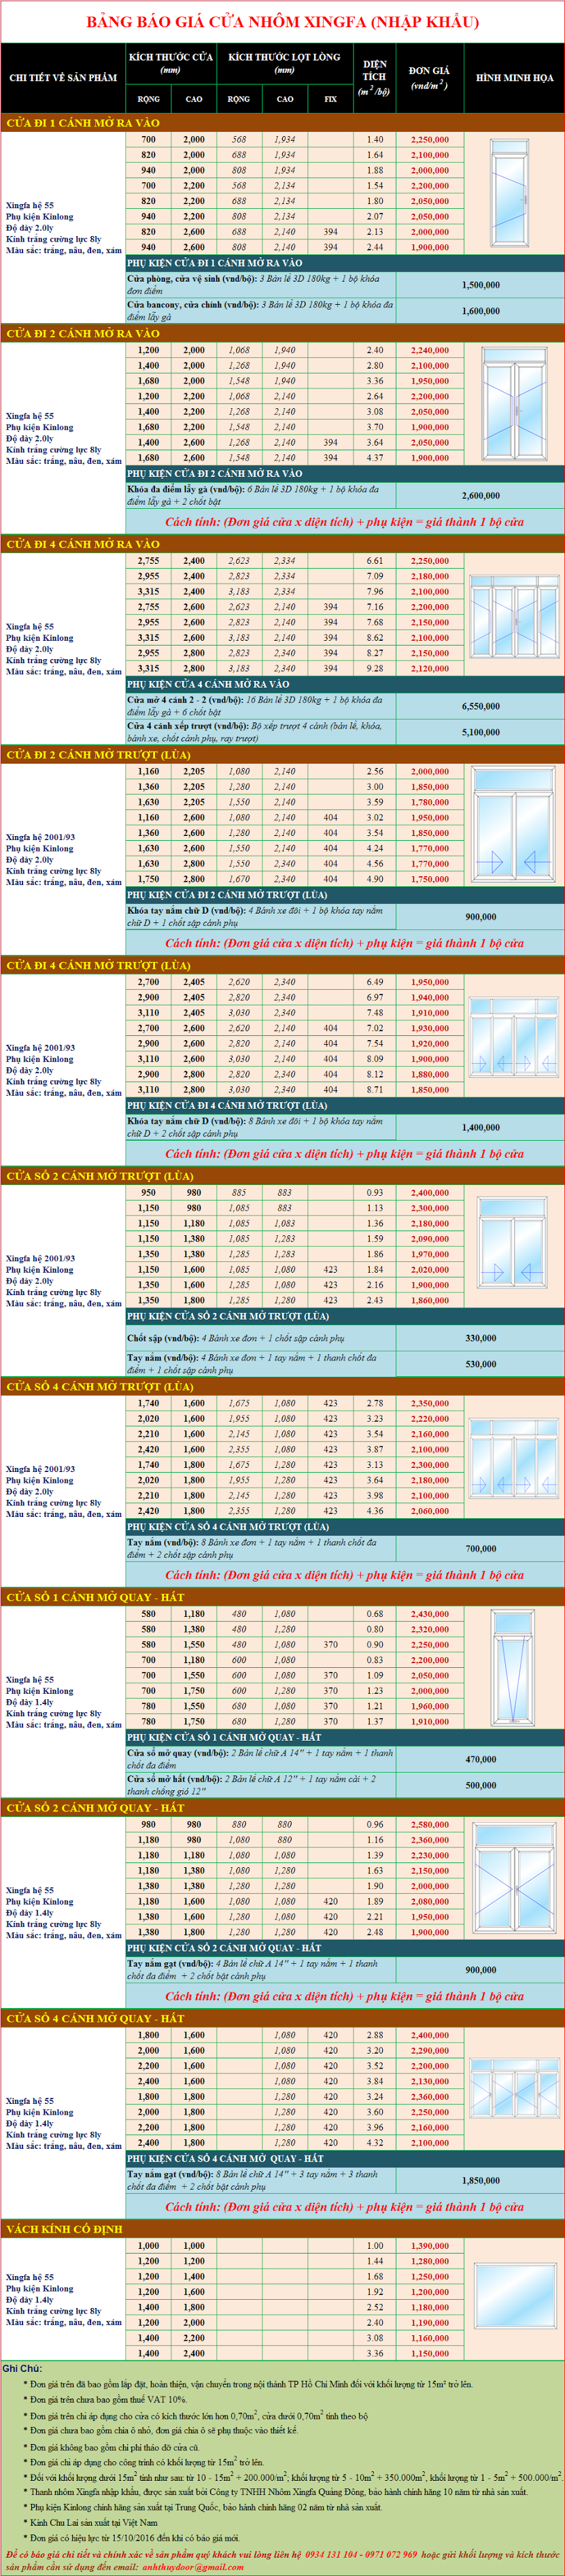 Bảng báo giá cửa nhôm cao cấp Xingfa chính hãng năm 2017